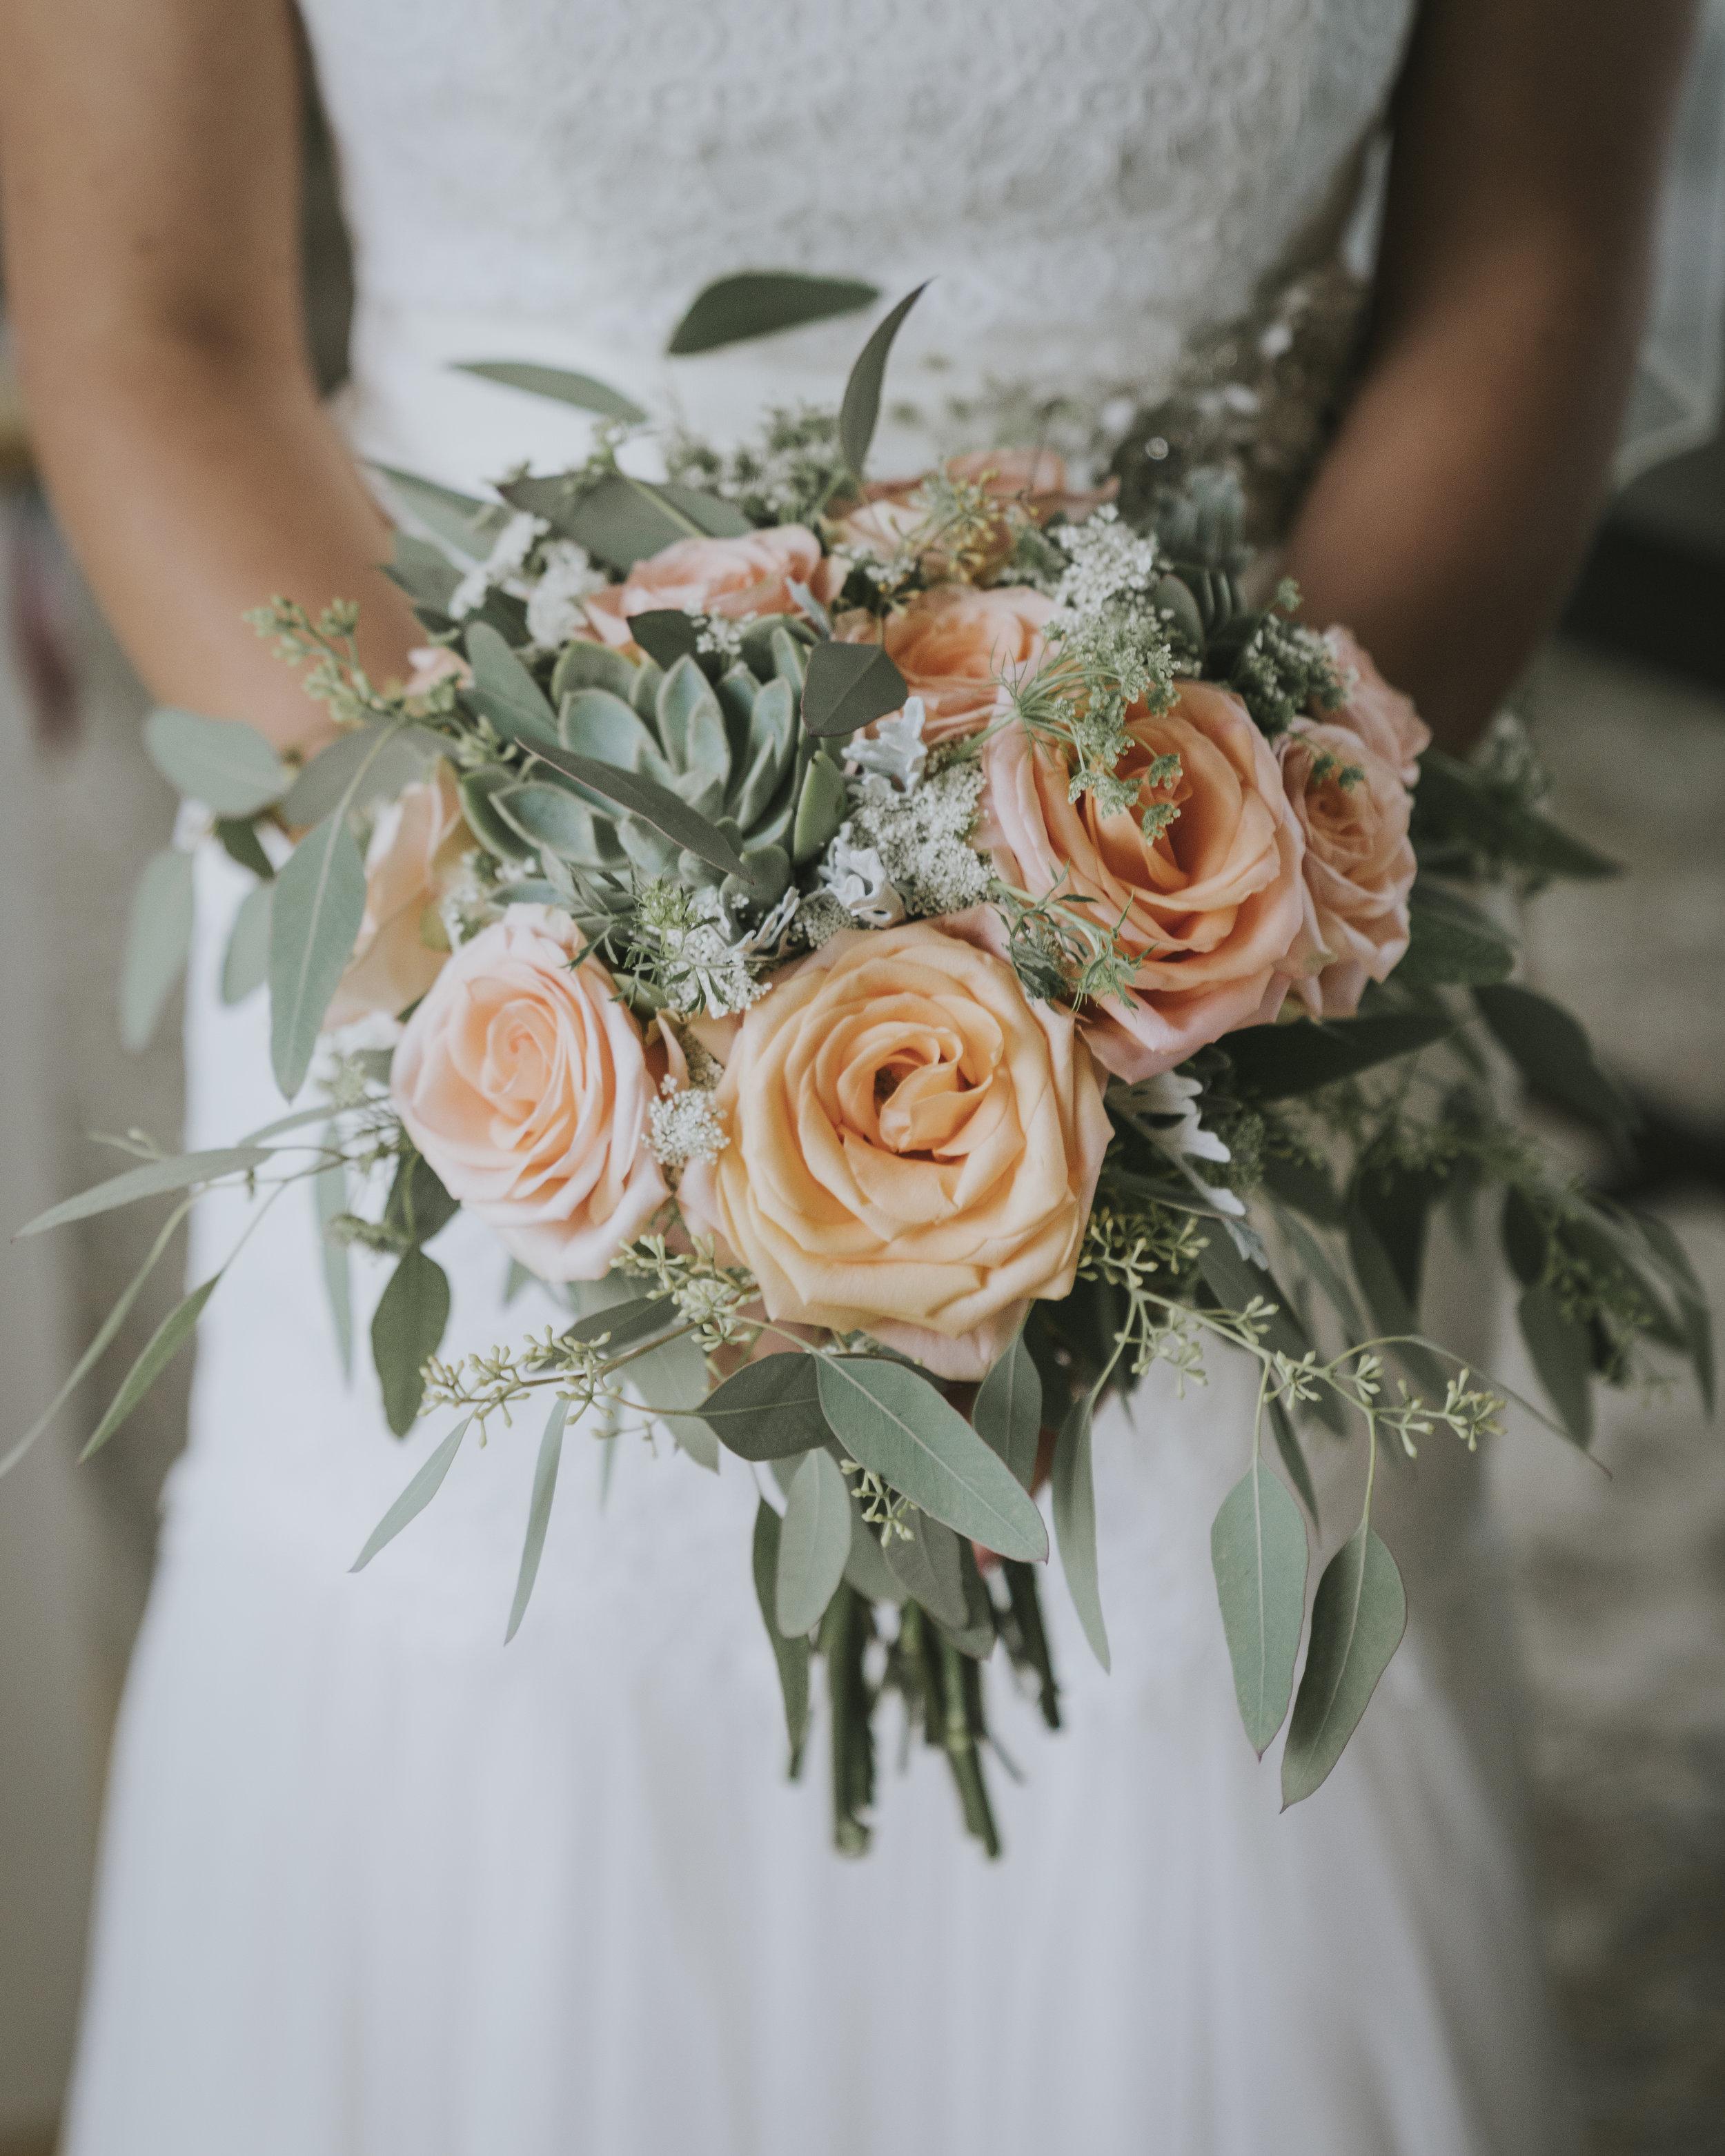 Wedding2017_Abbey_&Lucas_JPEGs (46 of 299).jpg